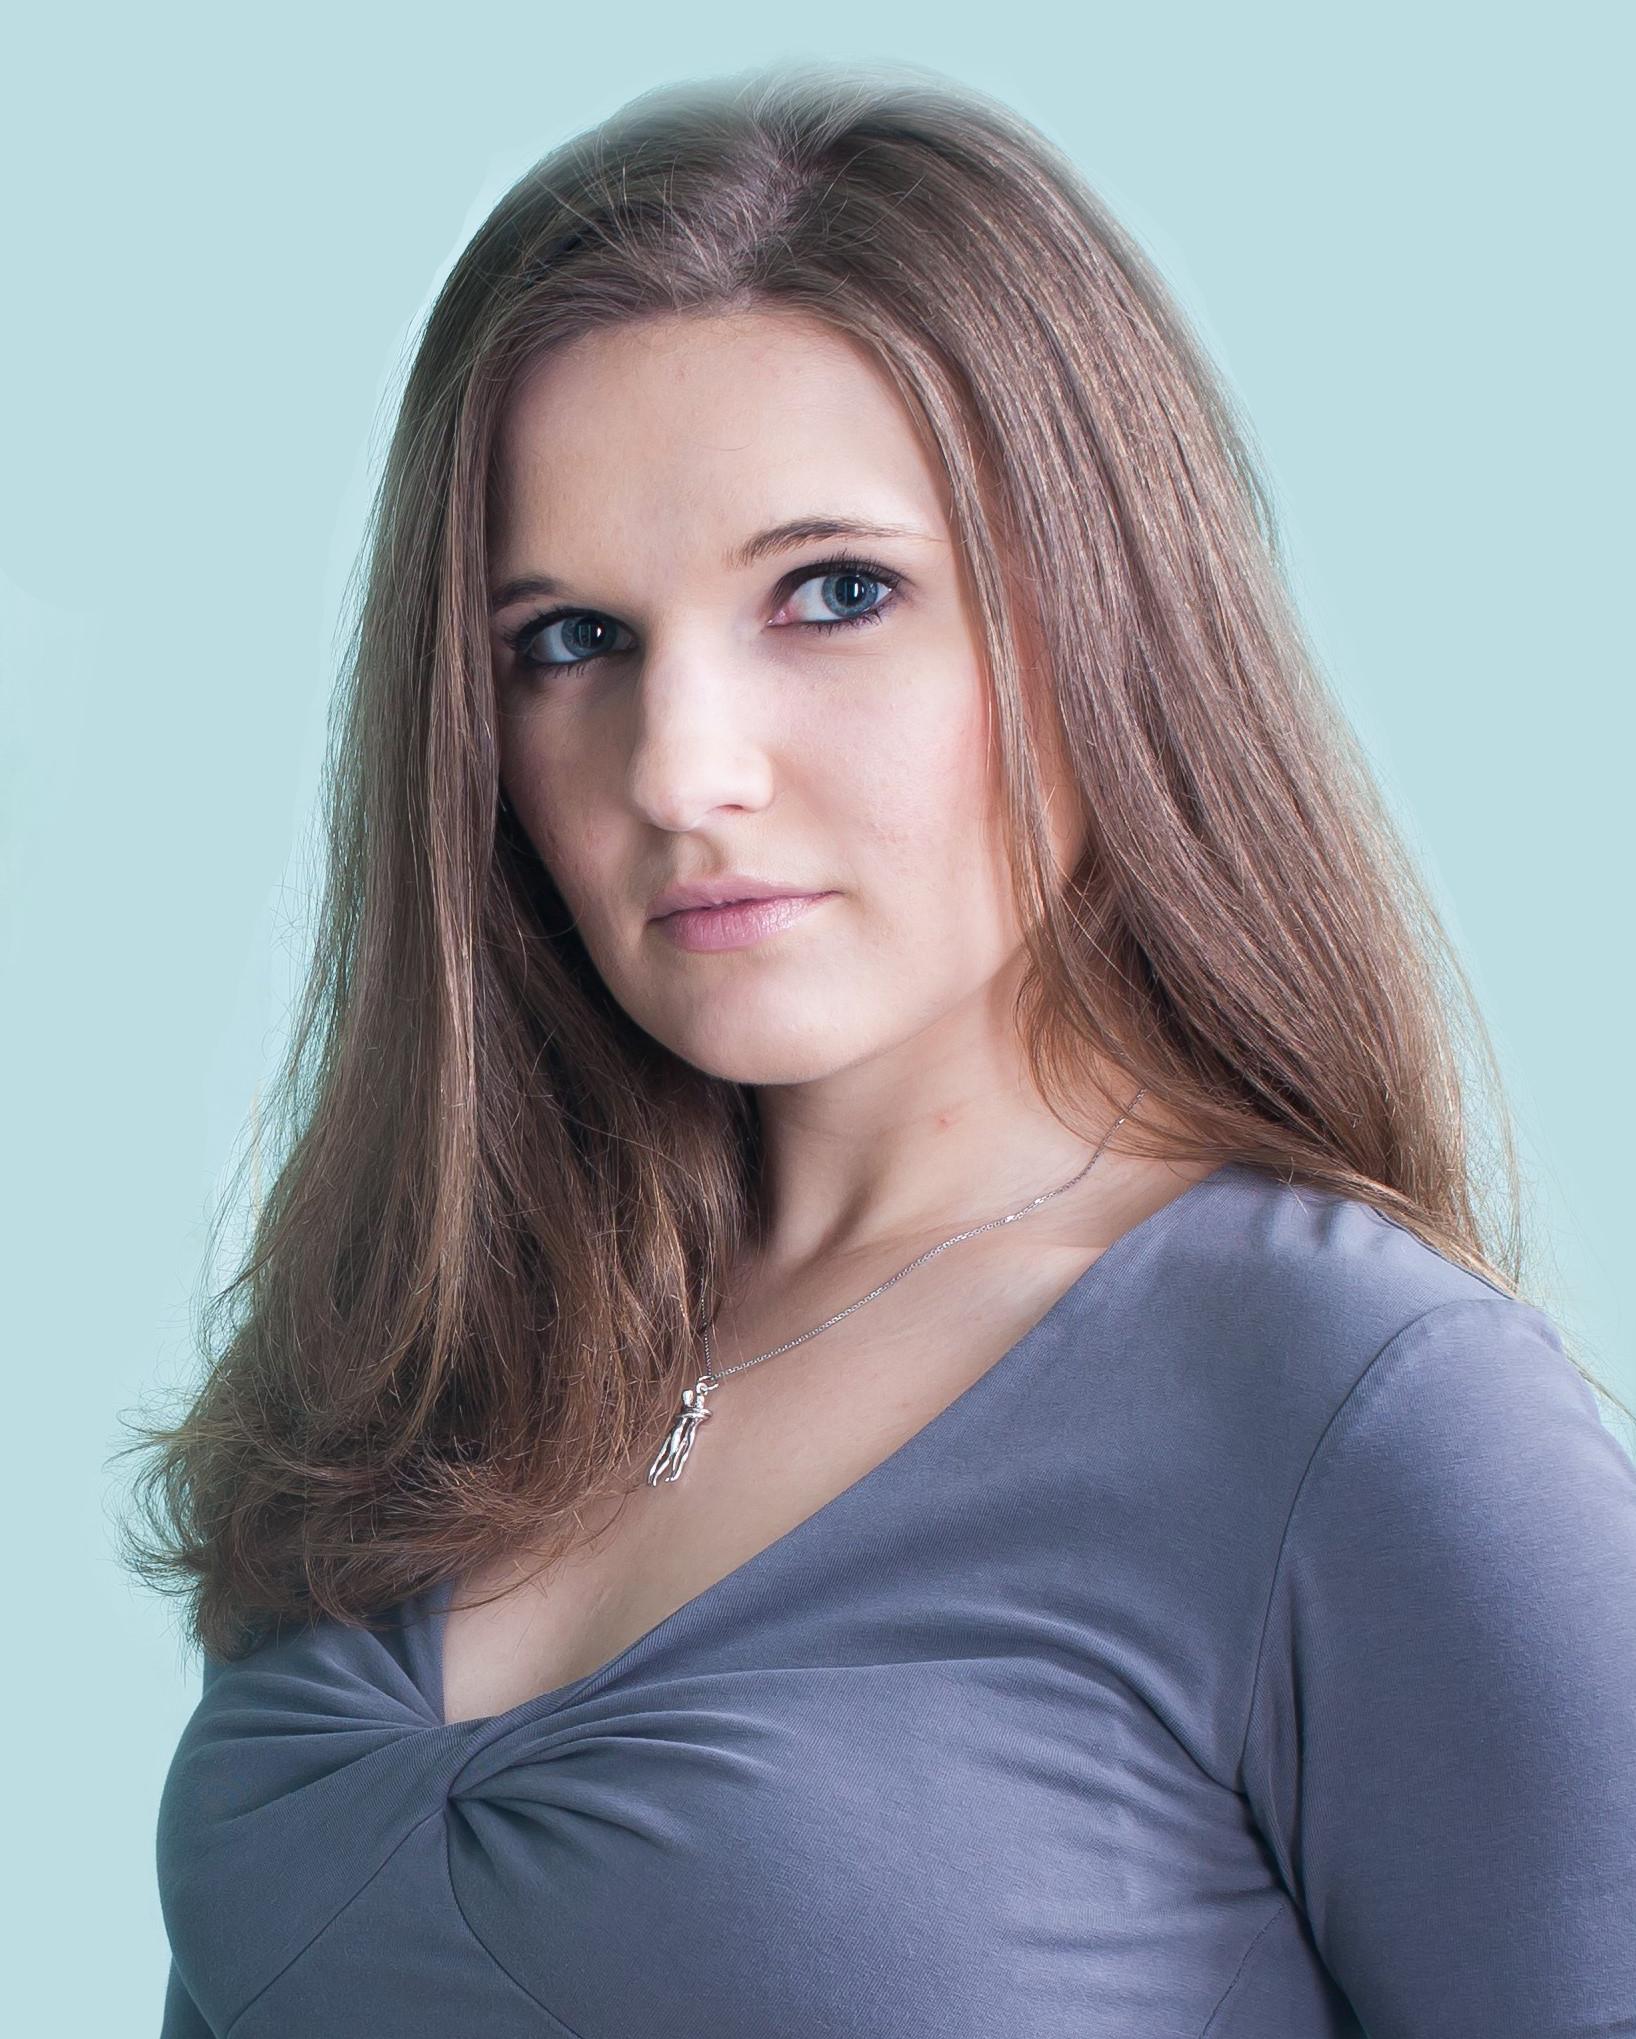 Психолог-консультант, психотерапевт Запекина Валерия